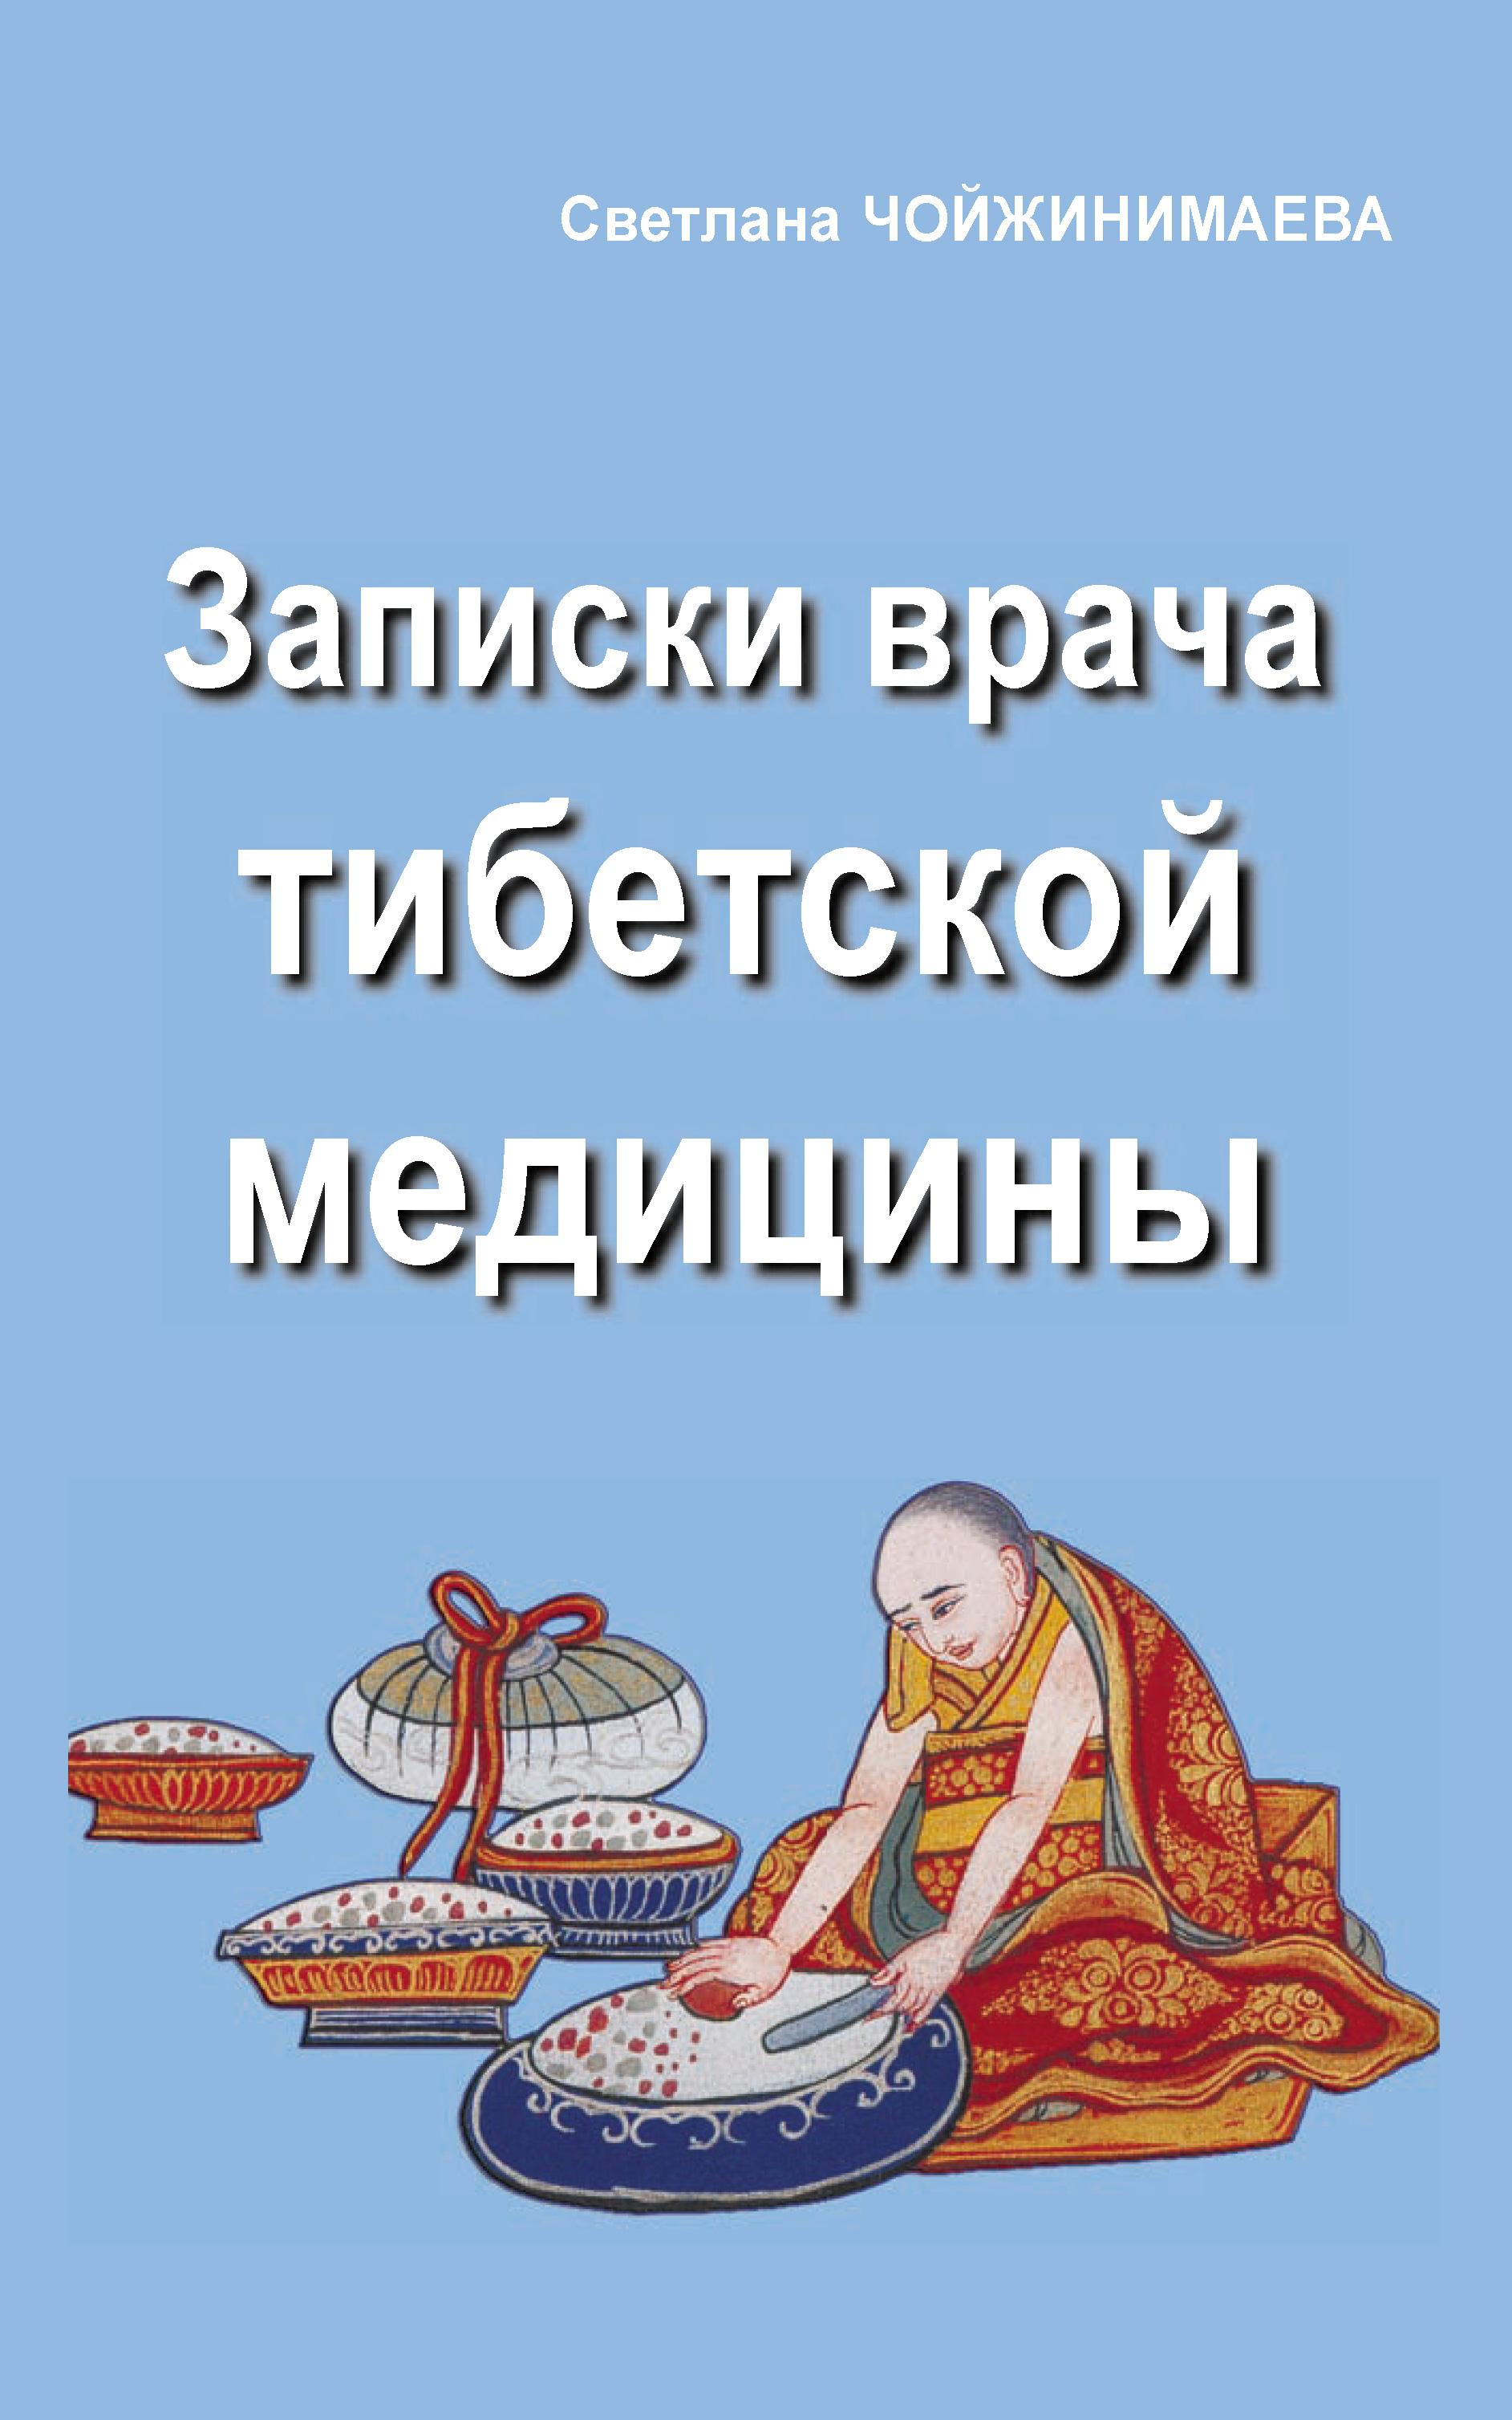 Светлана Чойжинимаева Записки врача тибетской медицины цена